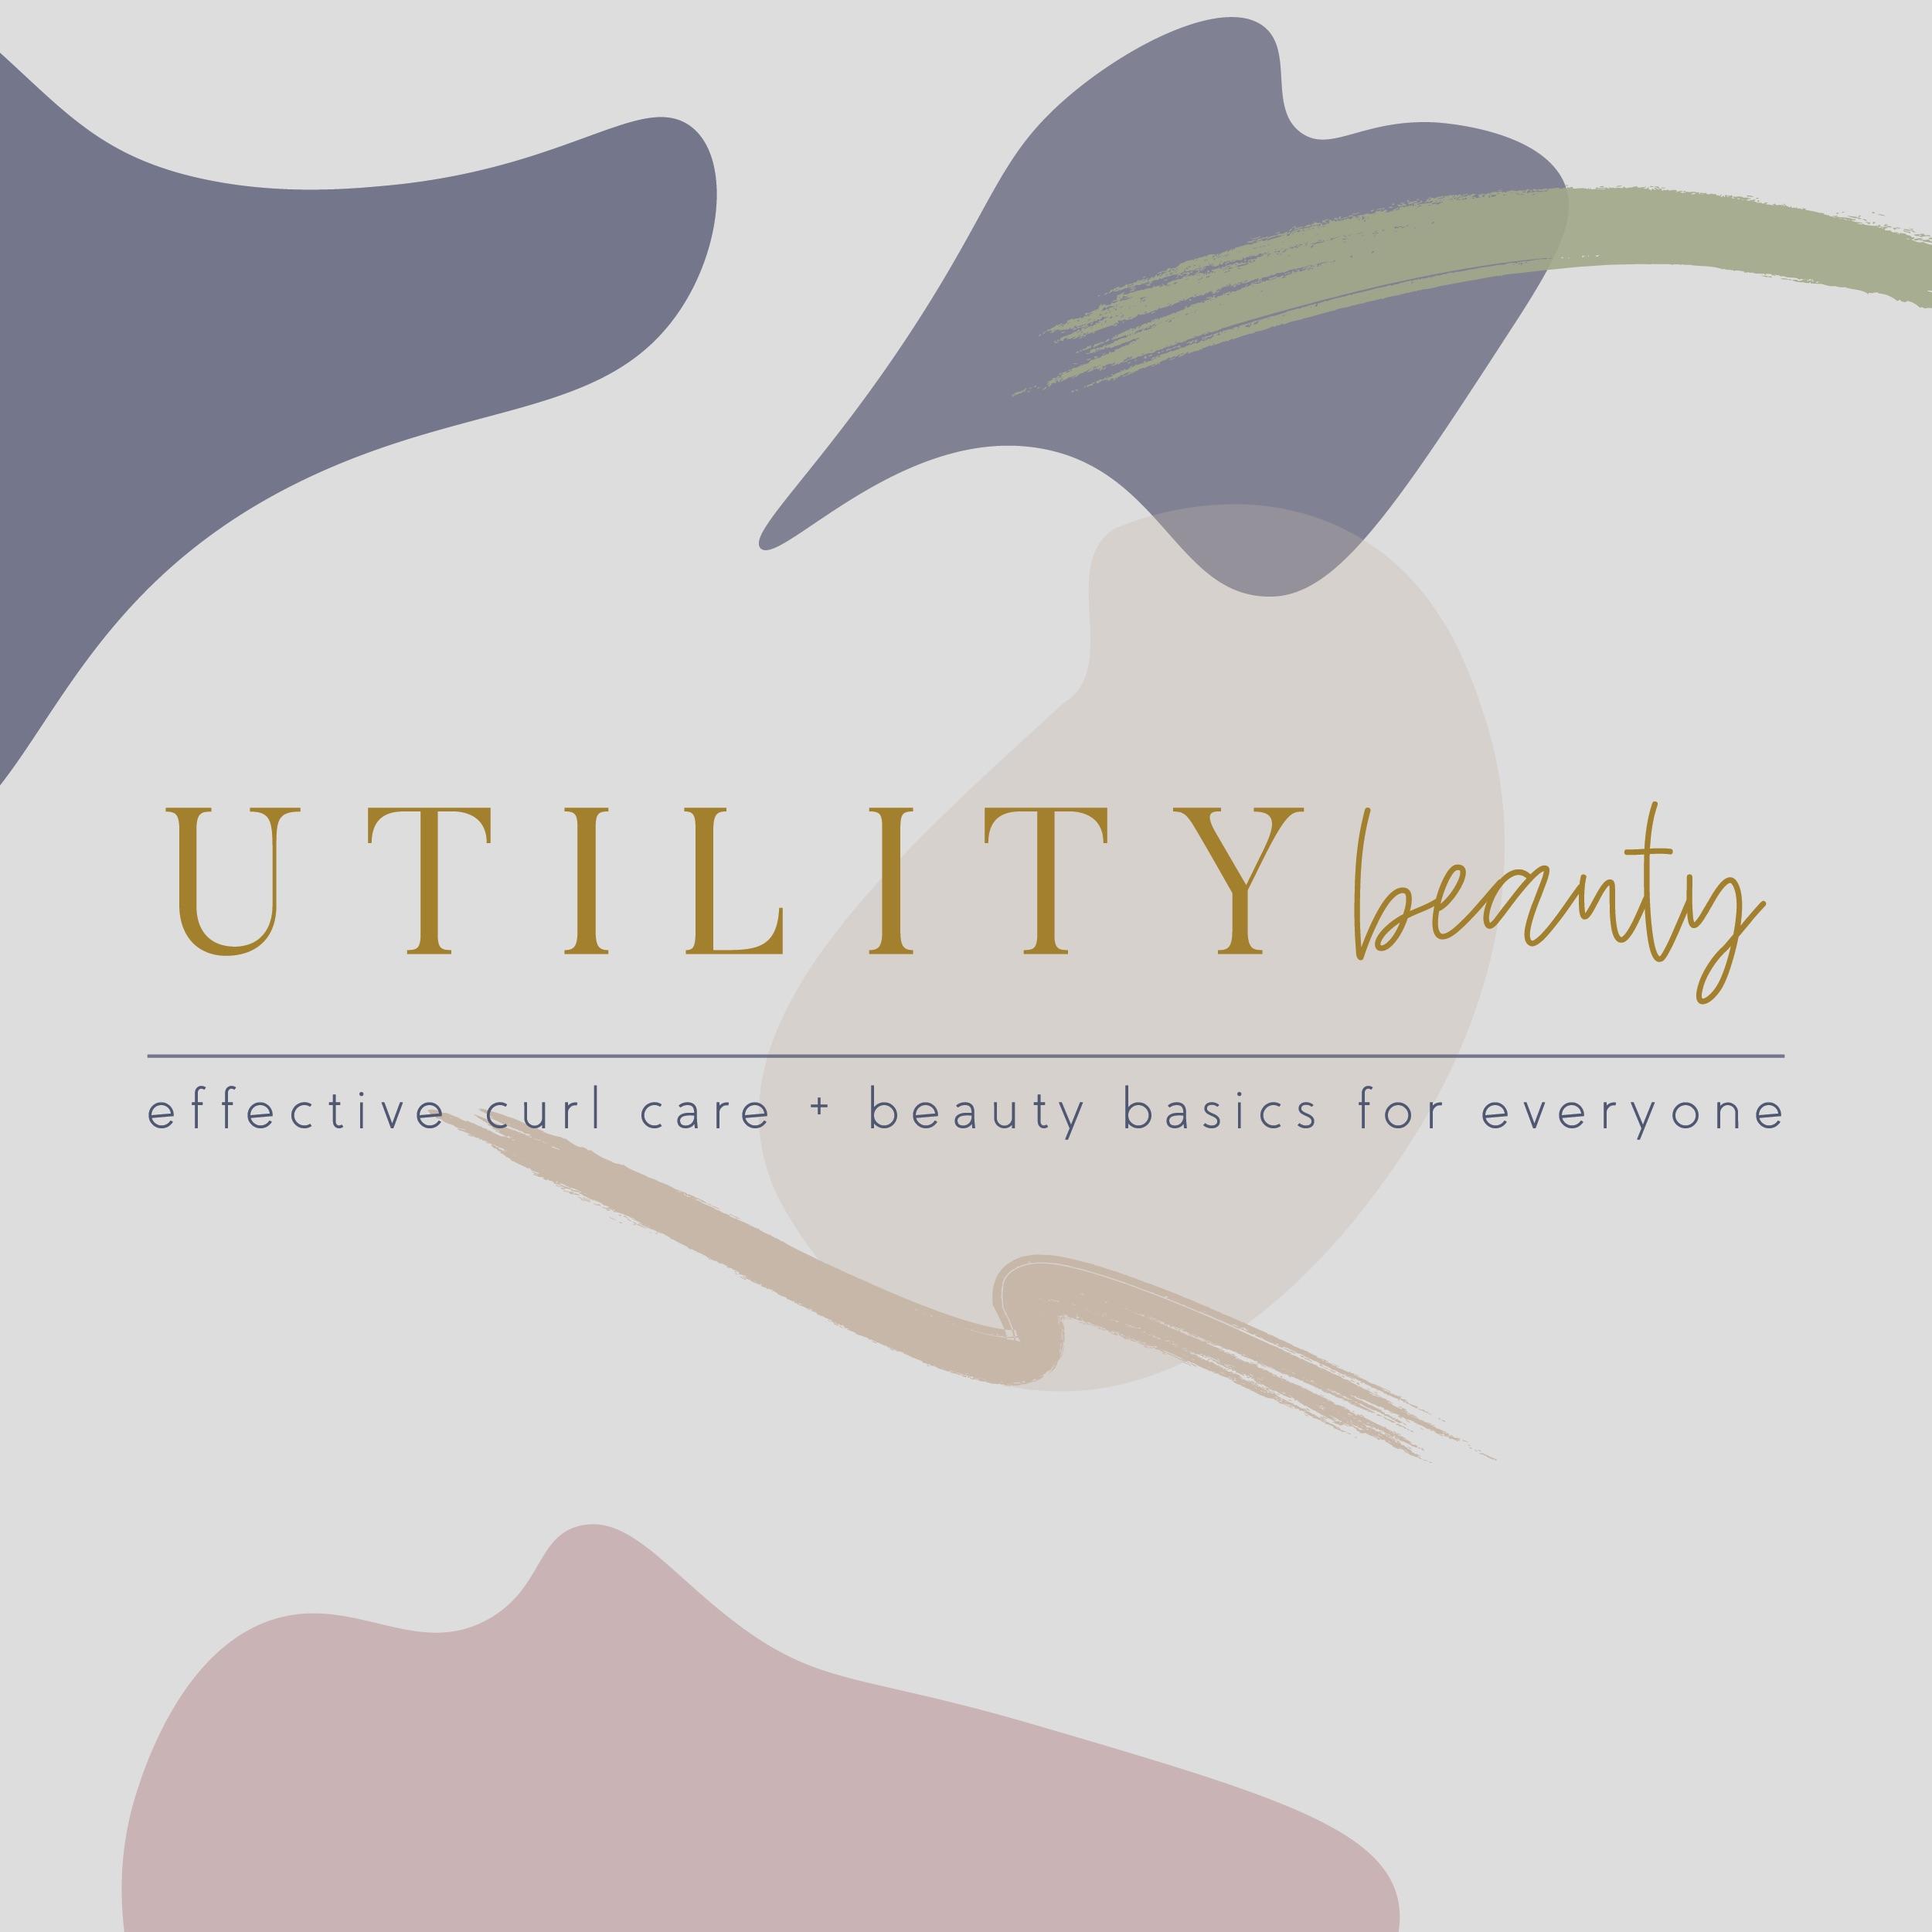 UtilityBeauty.com